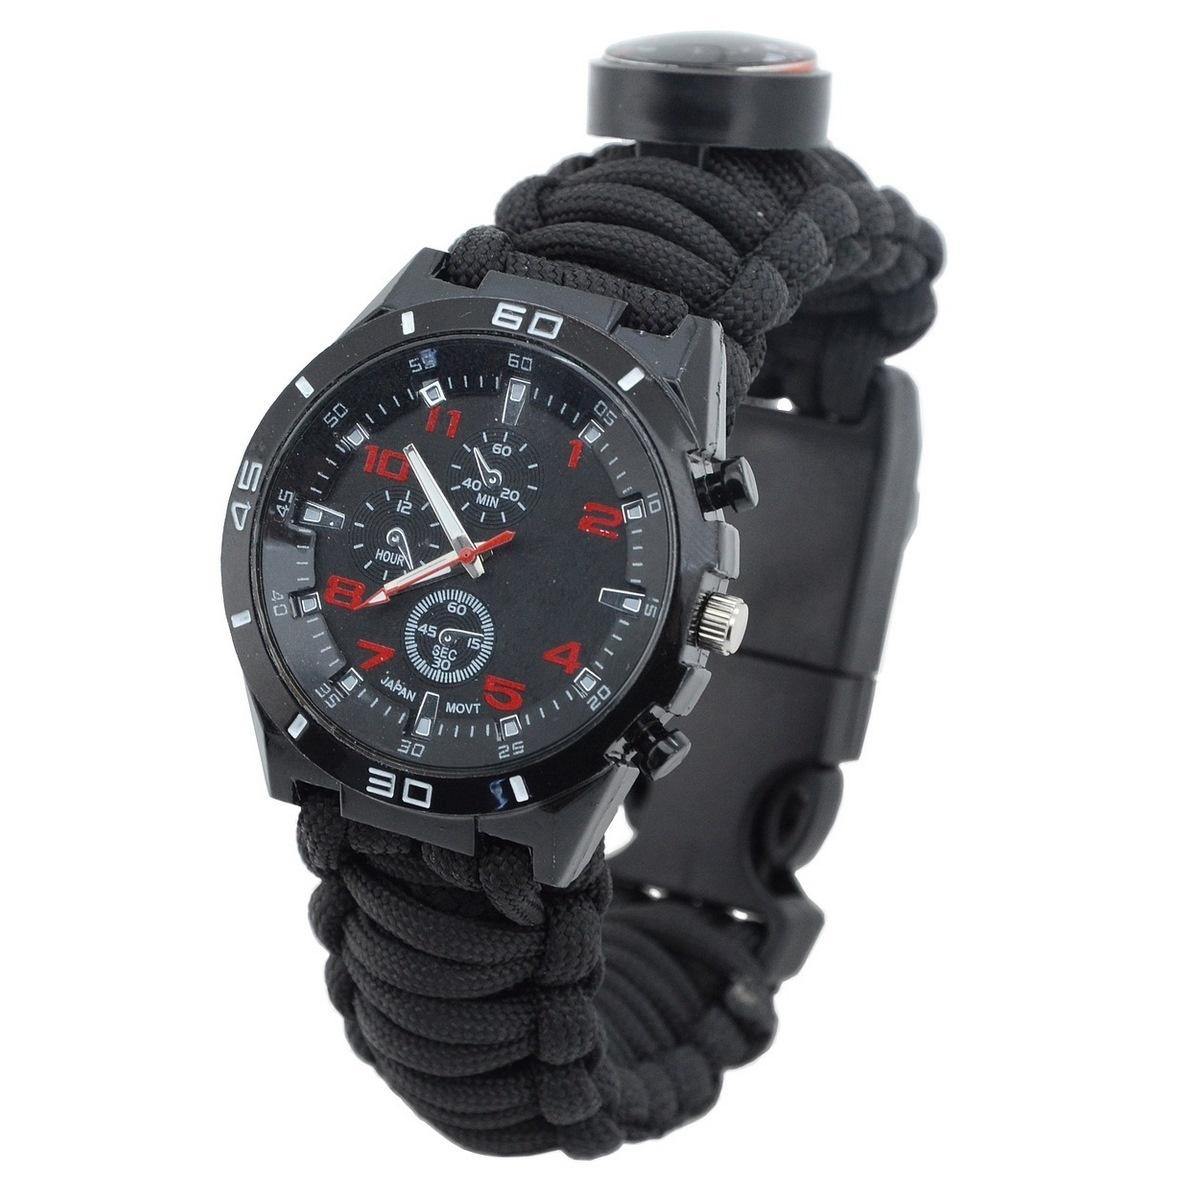 Cattara Outdoor s teploměrem vodotěsné hodinky